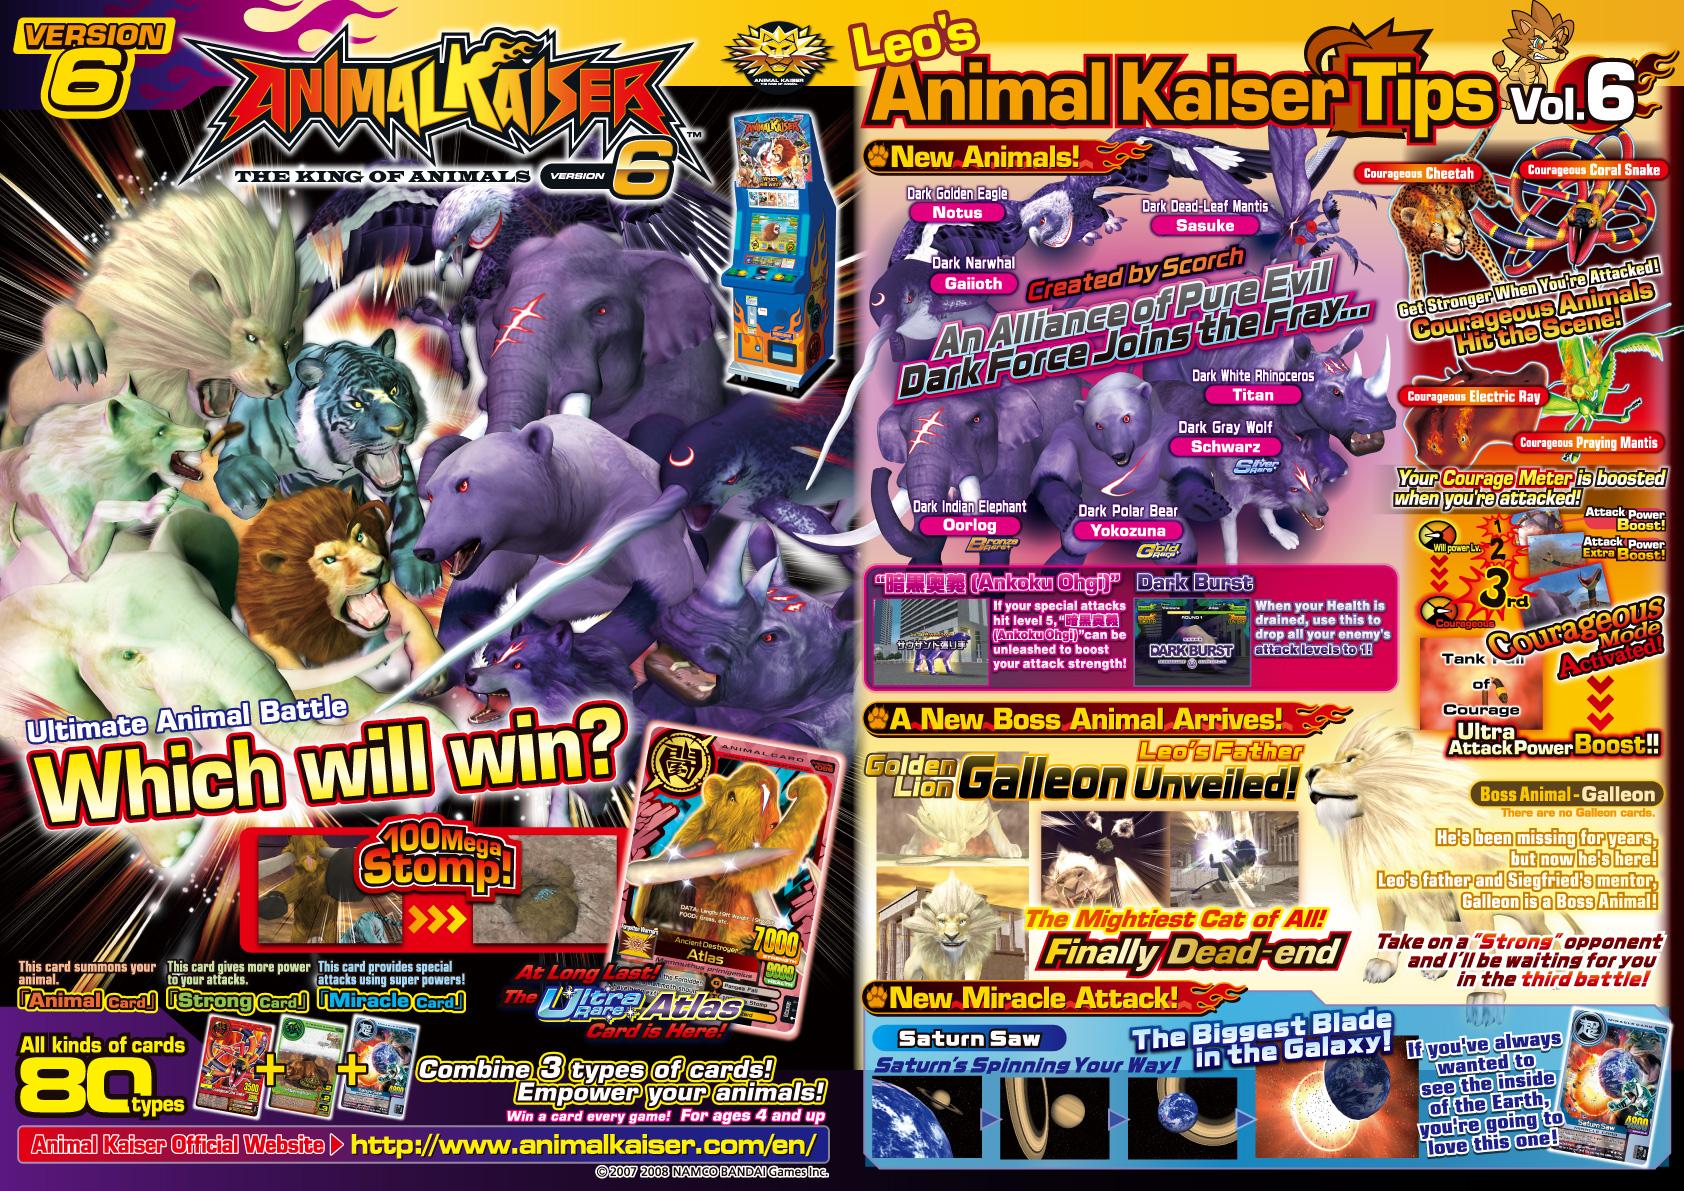 Animal Kaiser Ver.6 - Animal Kaiser Official Website